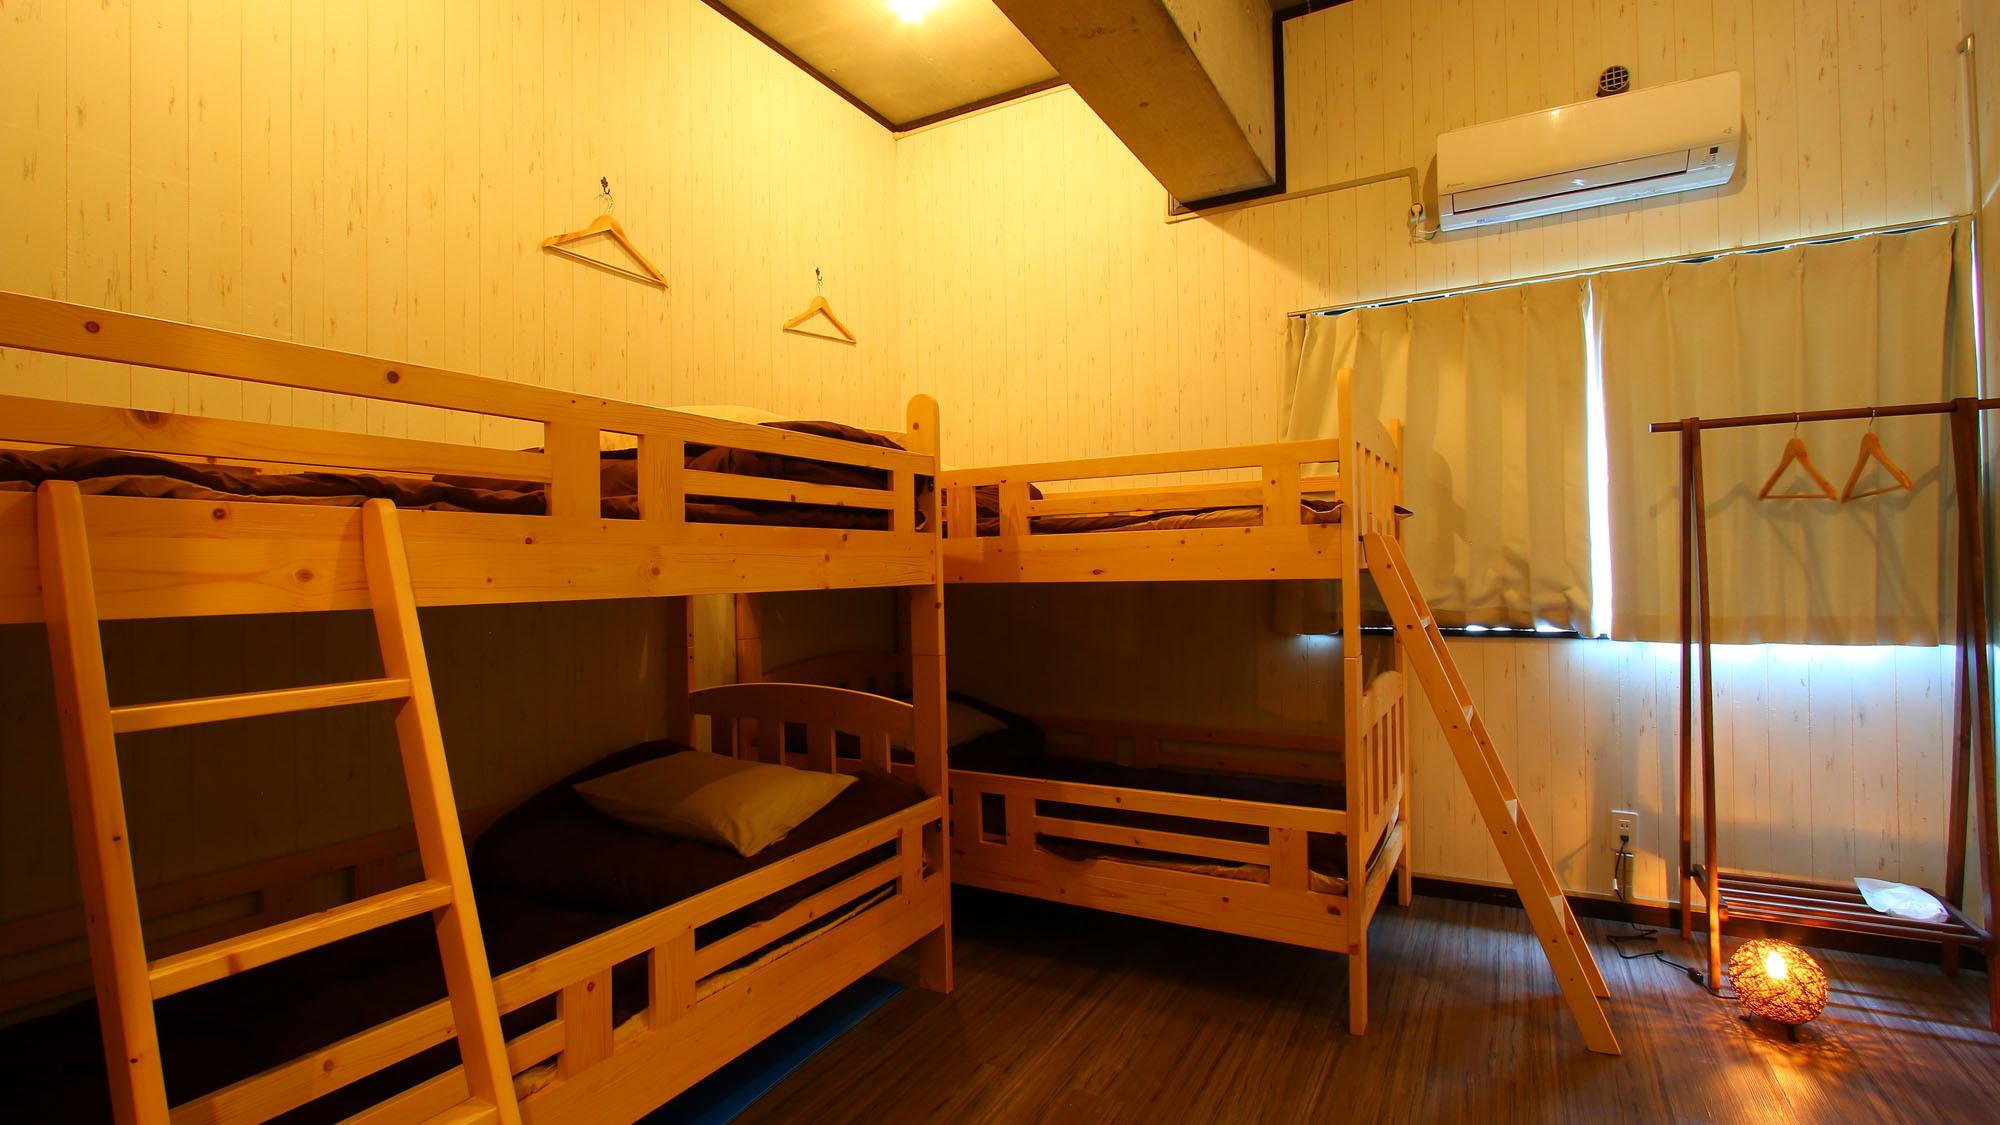 ドミトリー4名部屋